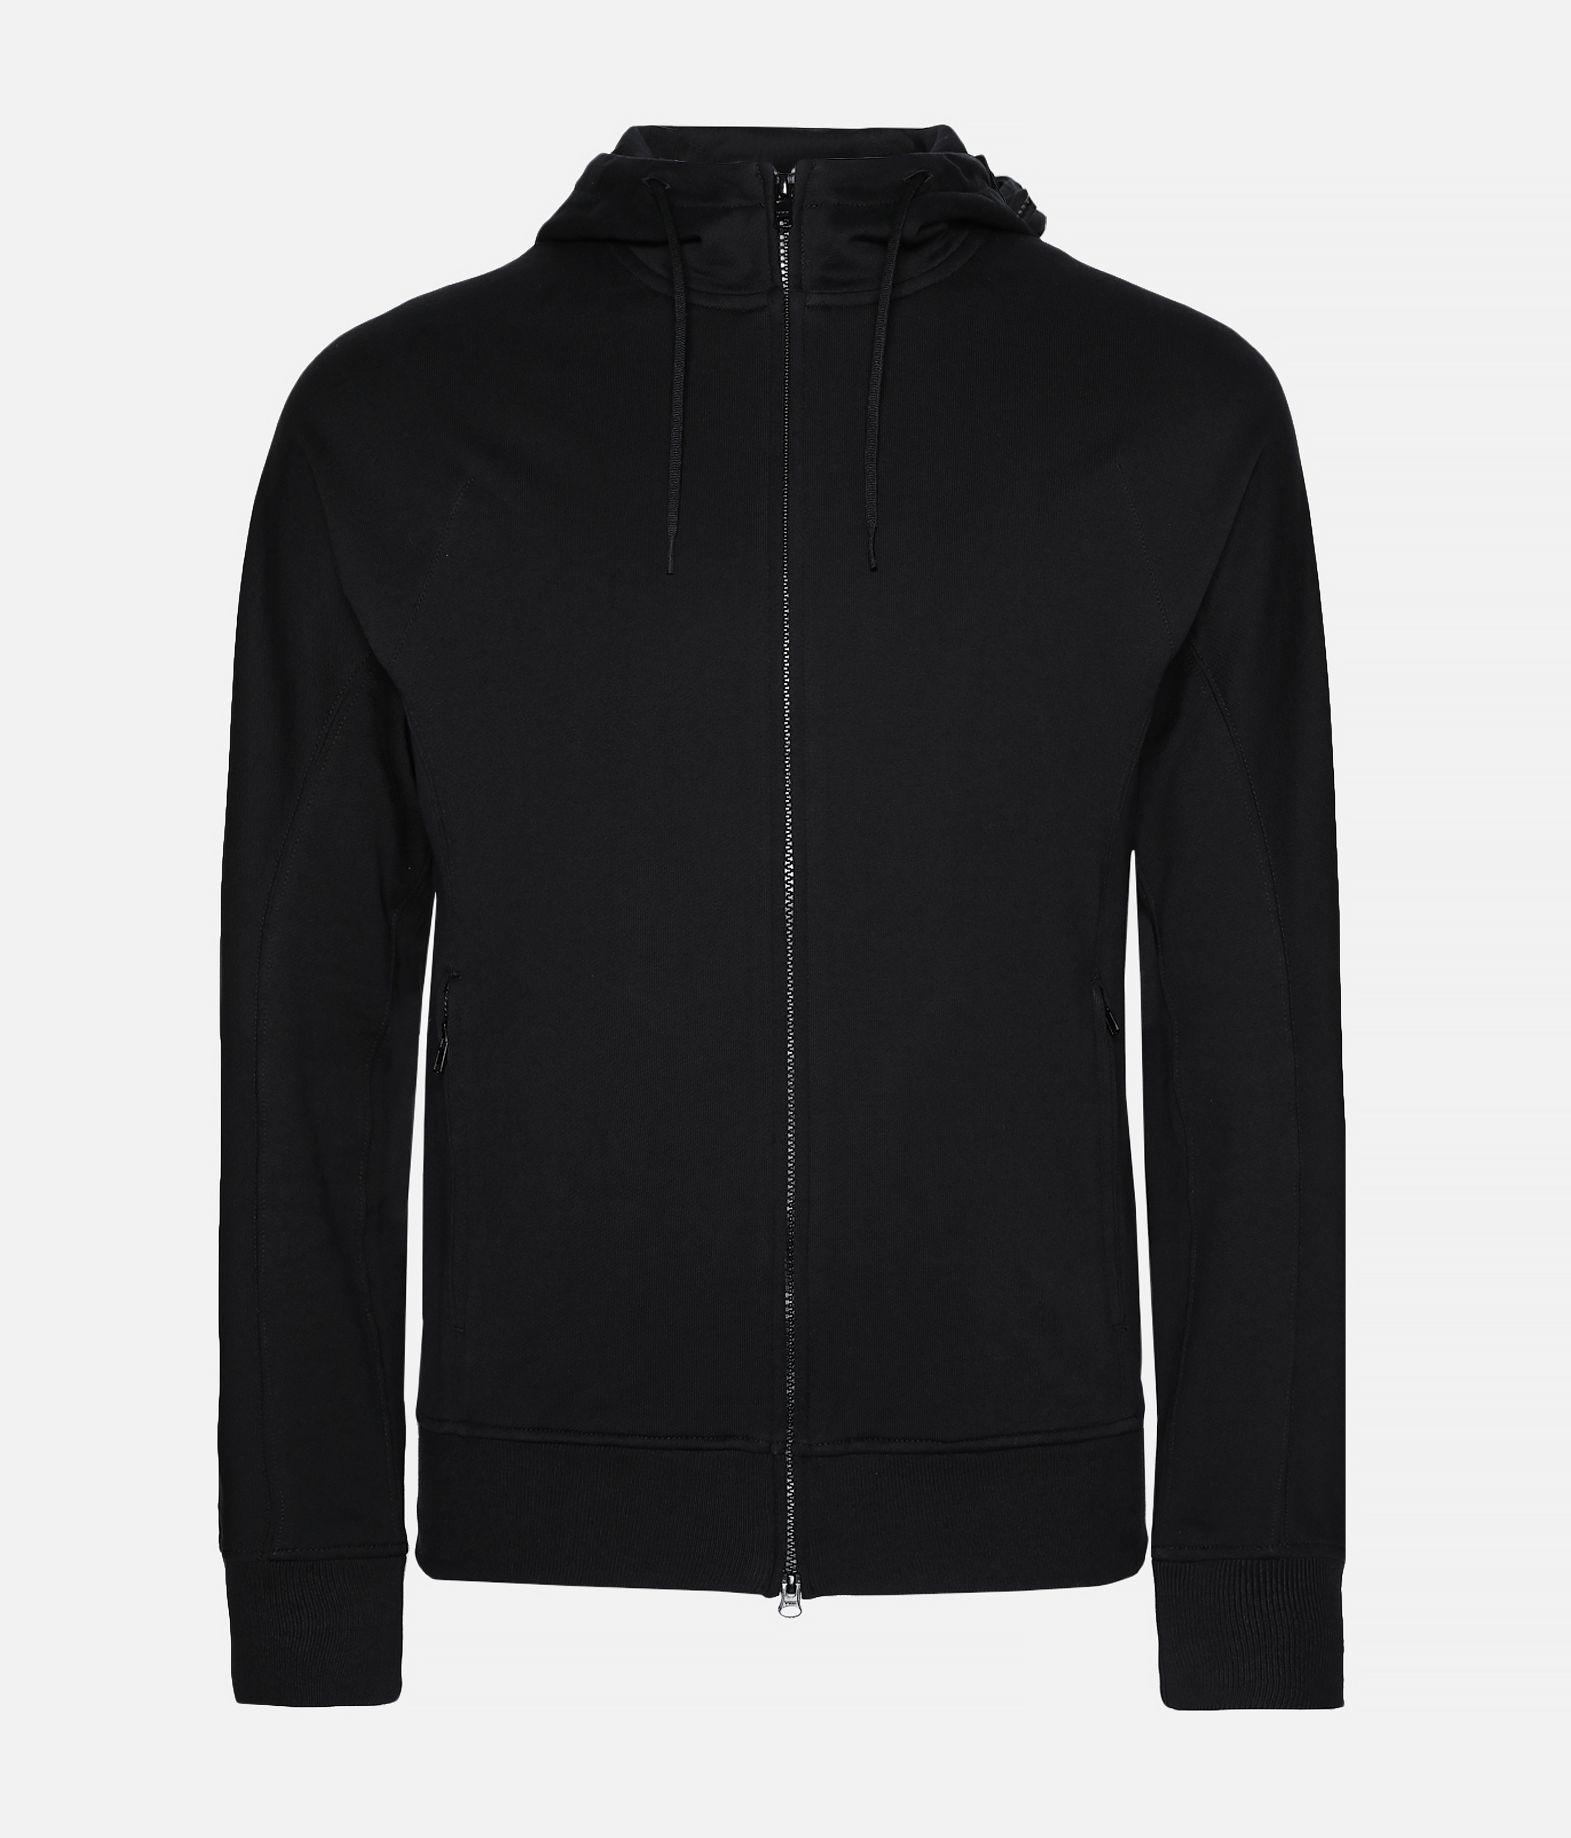 Y-3 Y-3 Classic Hoodie Hooded sweatshirt Man f